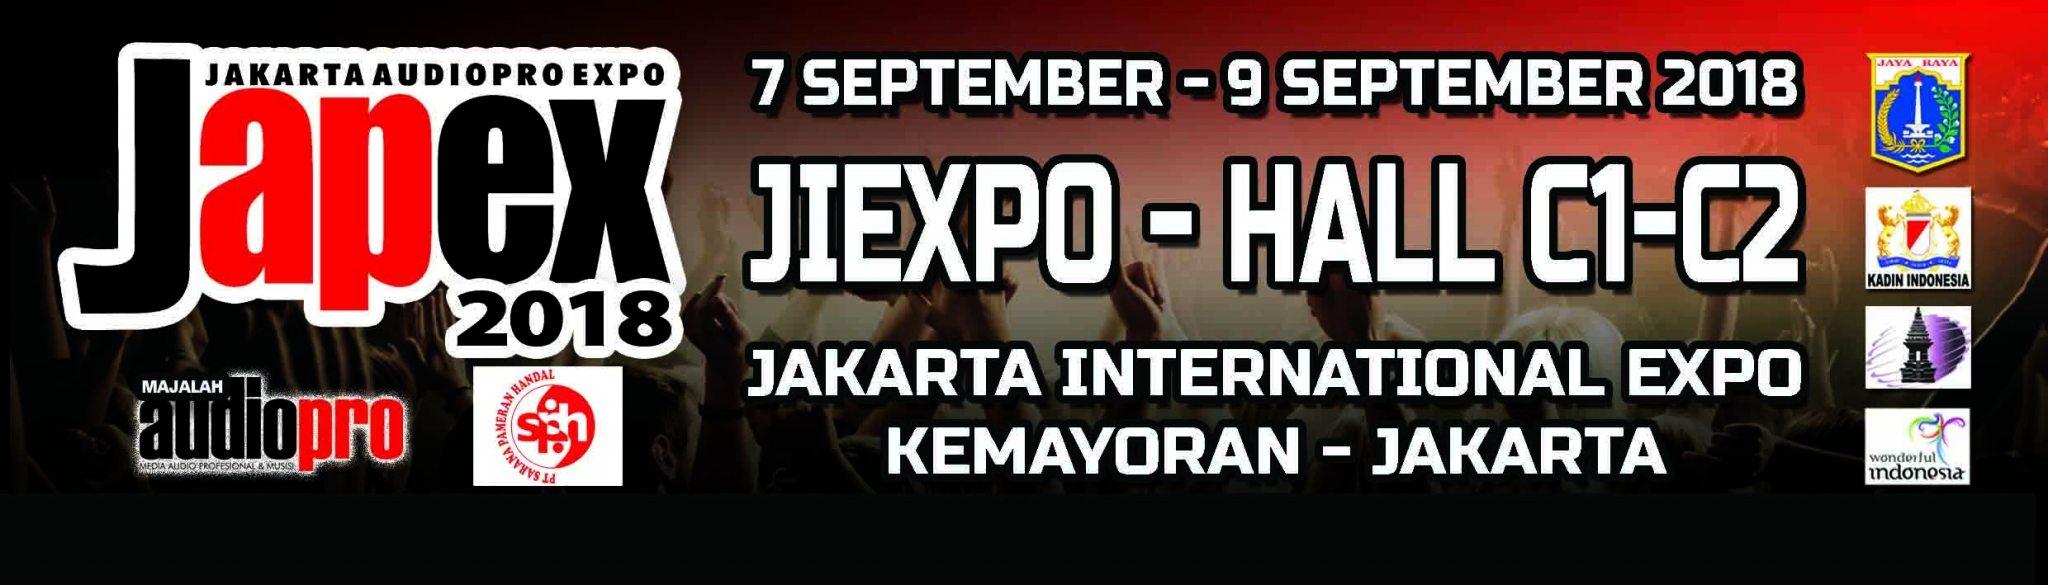 PAMERAN INSTRUMEN MUSIK DAN PRO AUDIO AKAN DIADAKAN DI JAKARTA JAPEX 2018